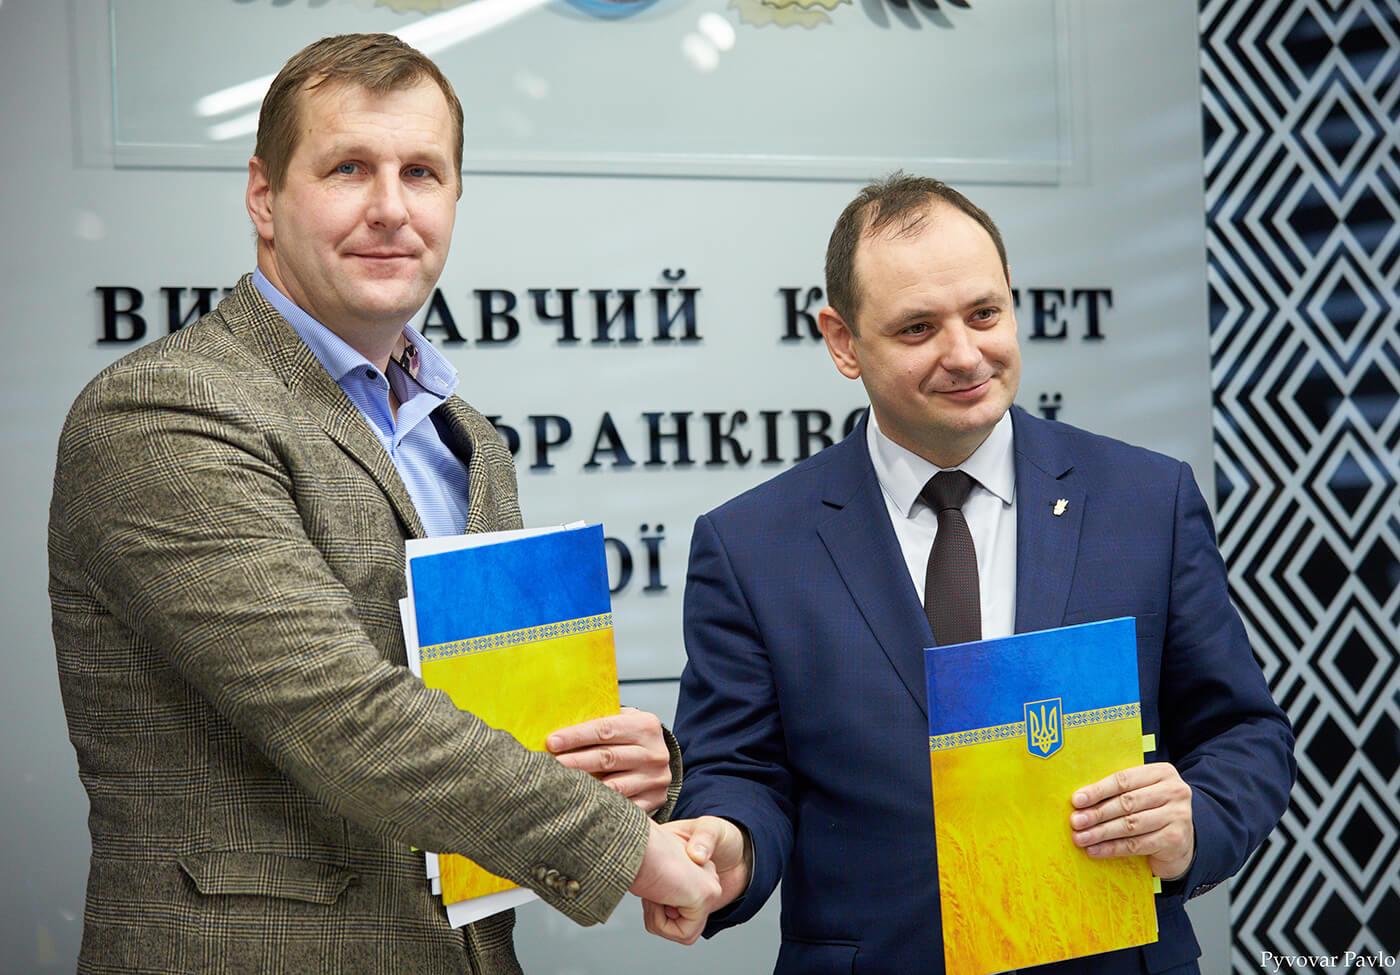 Новий іноземний інвестор запускає виробництво у Франківську (ФОТО)